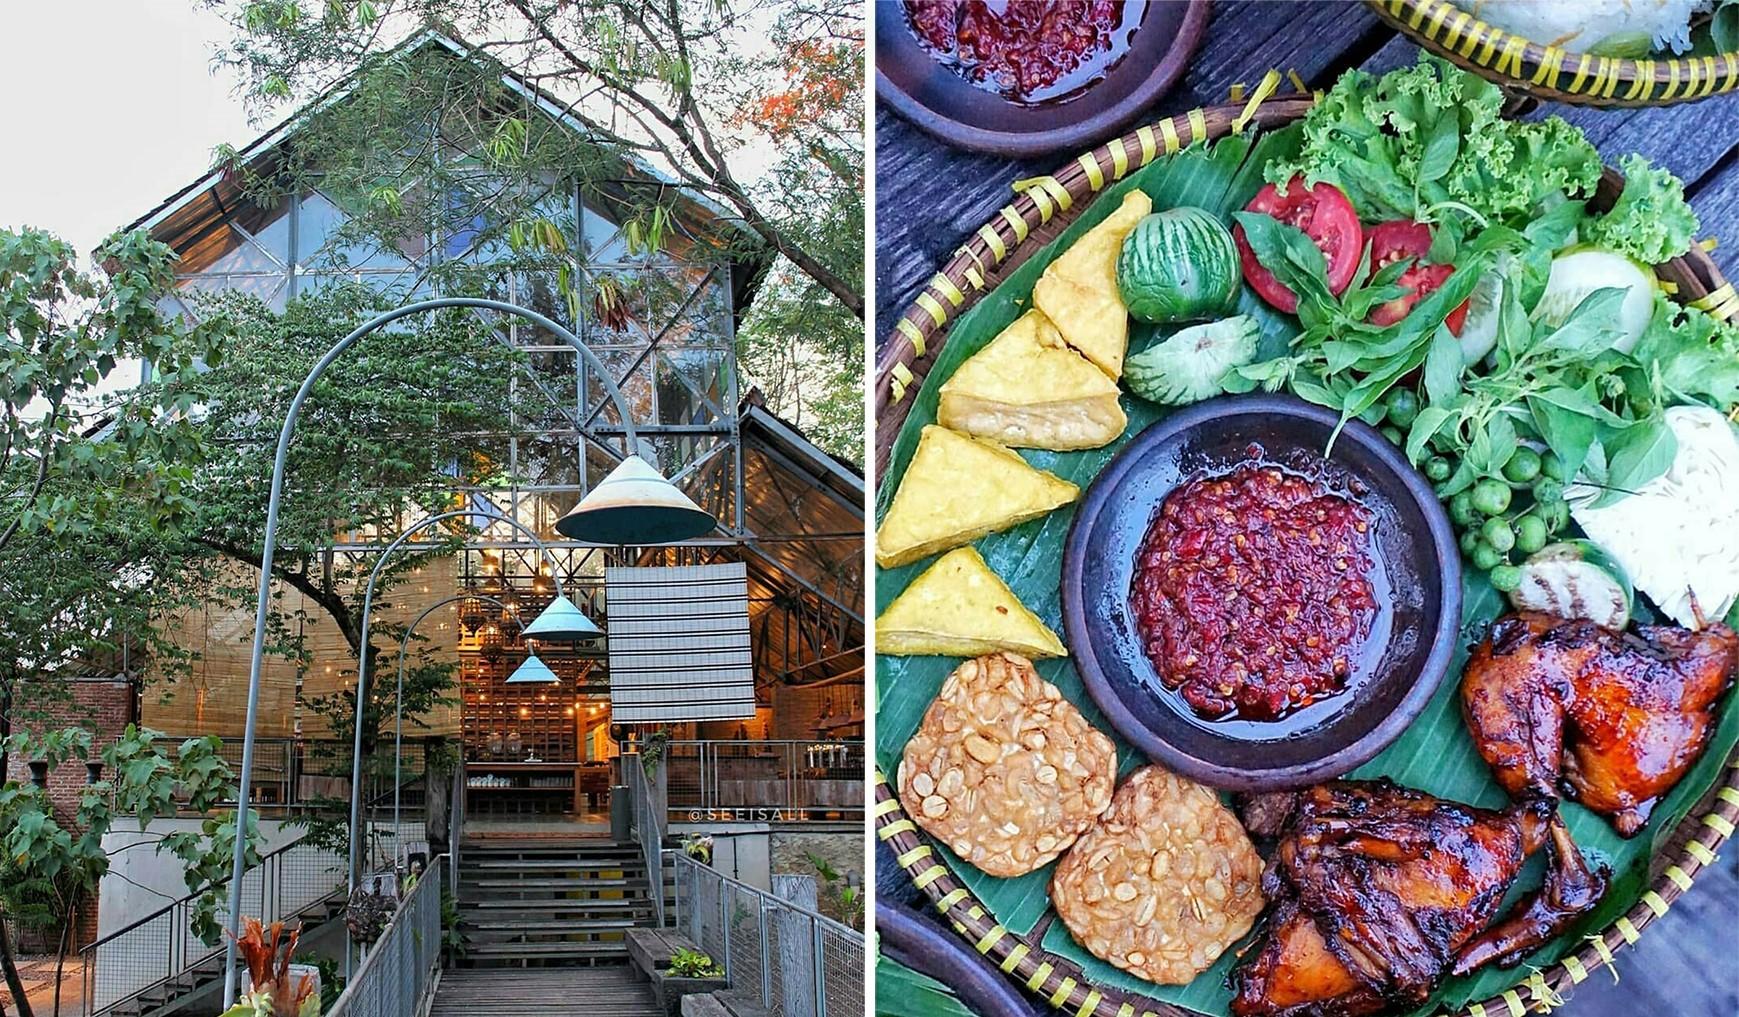 Restoran Lawang Rasa Dan Makanan Tradisional Desa Alamanis